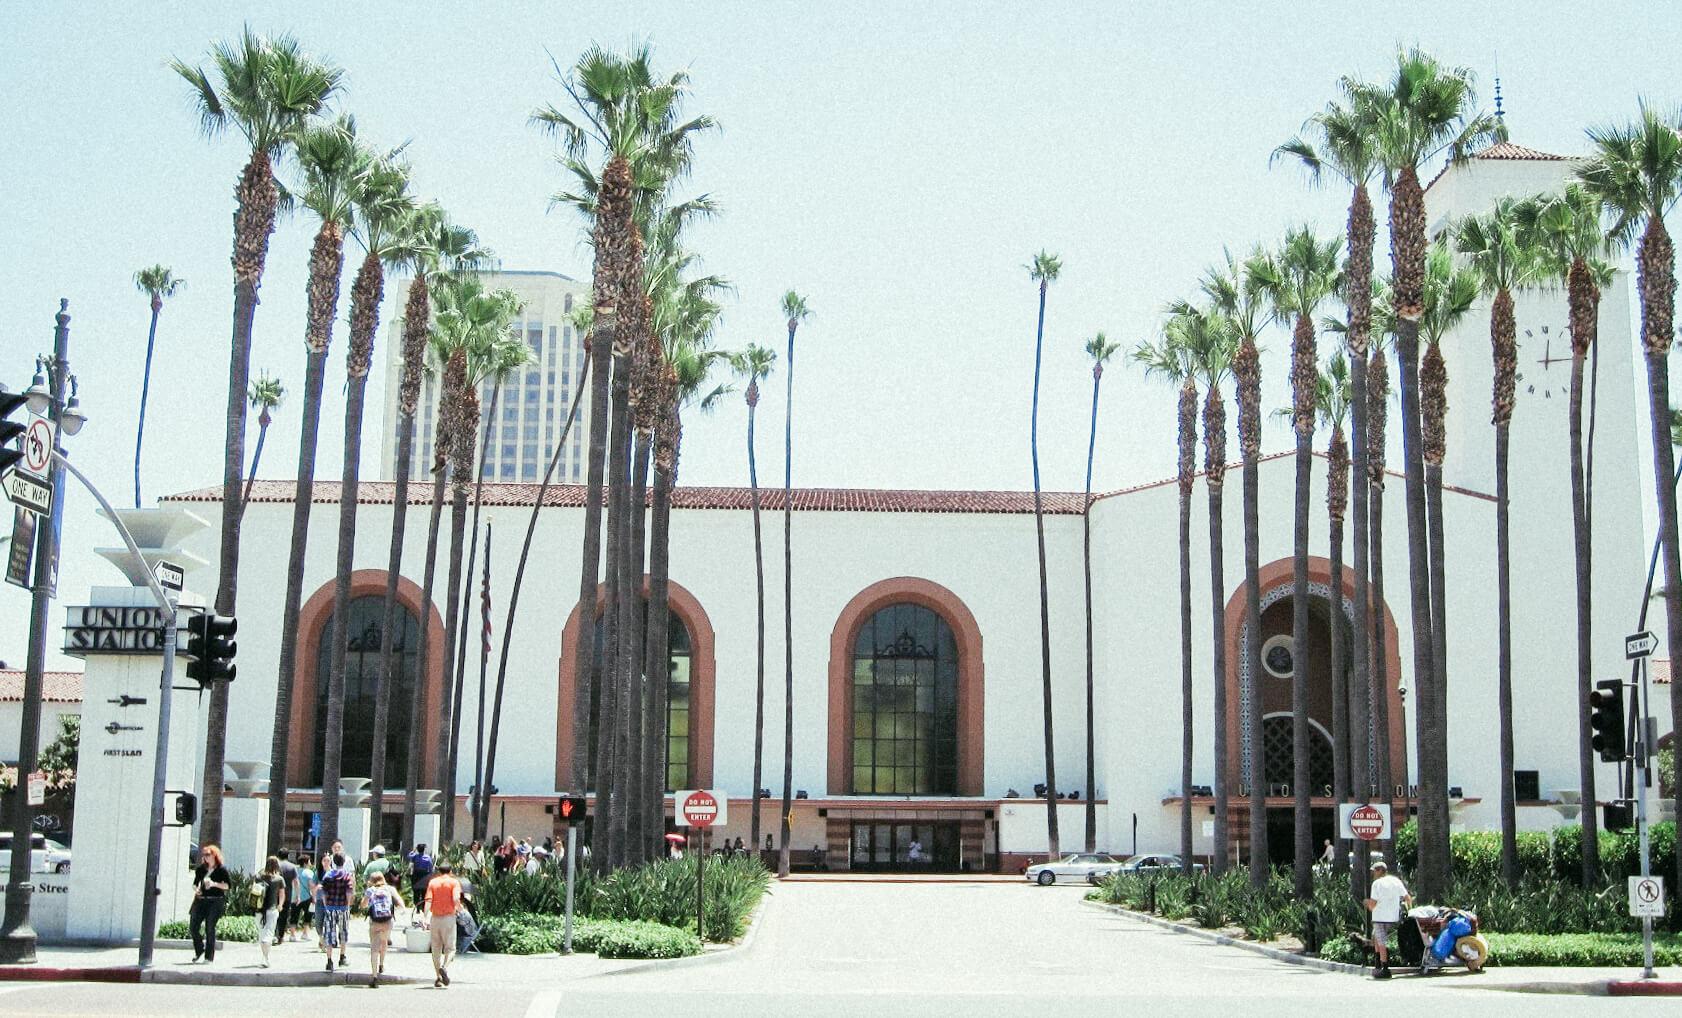 Union Station LA exterior